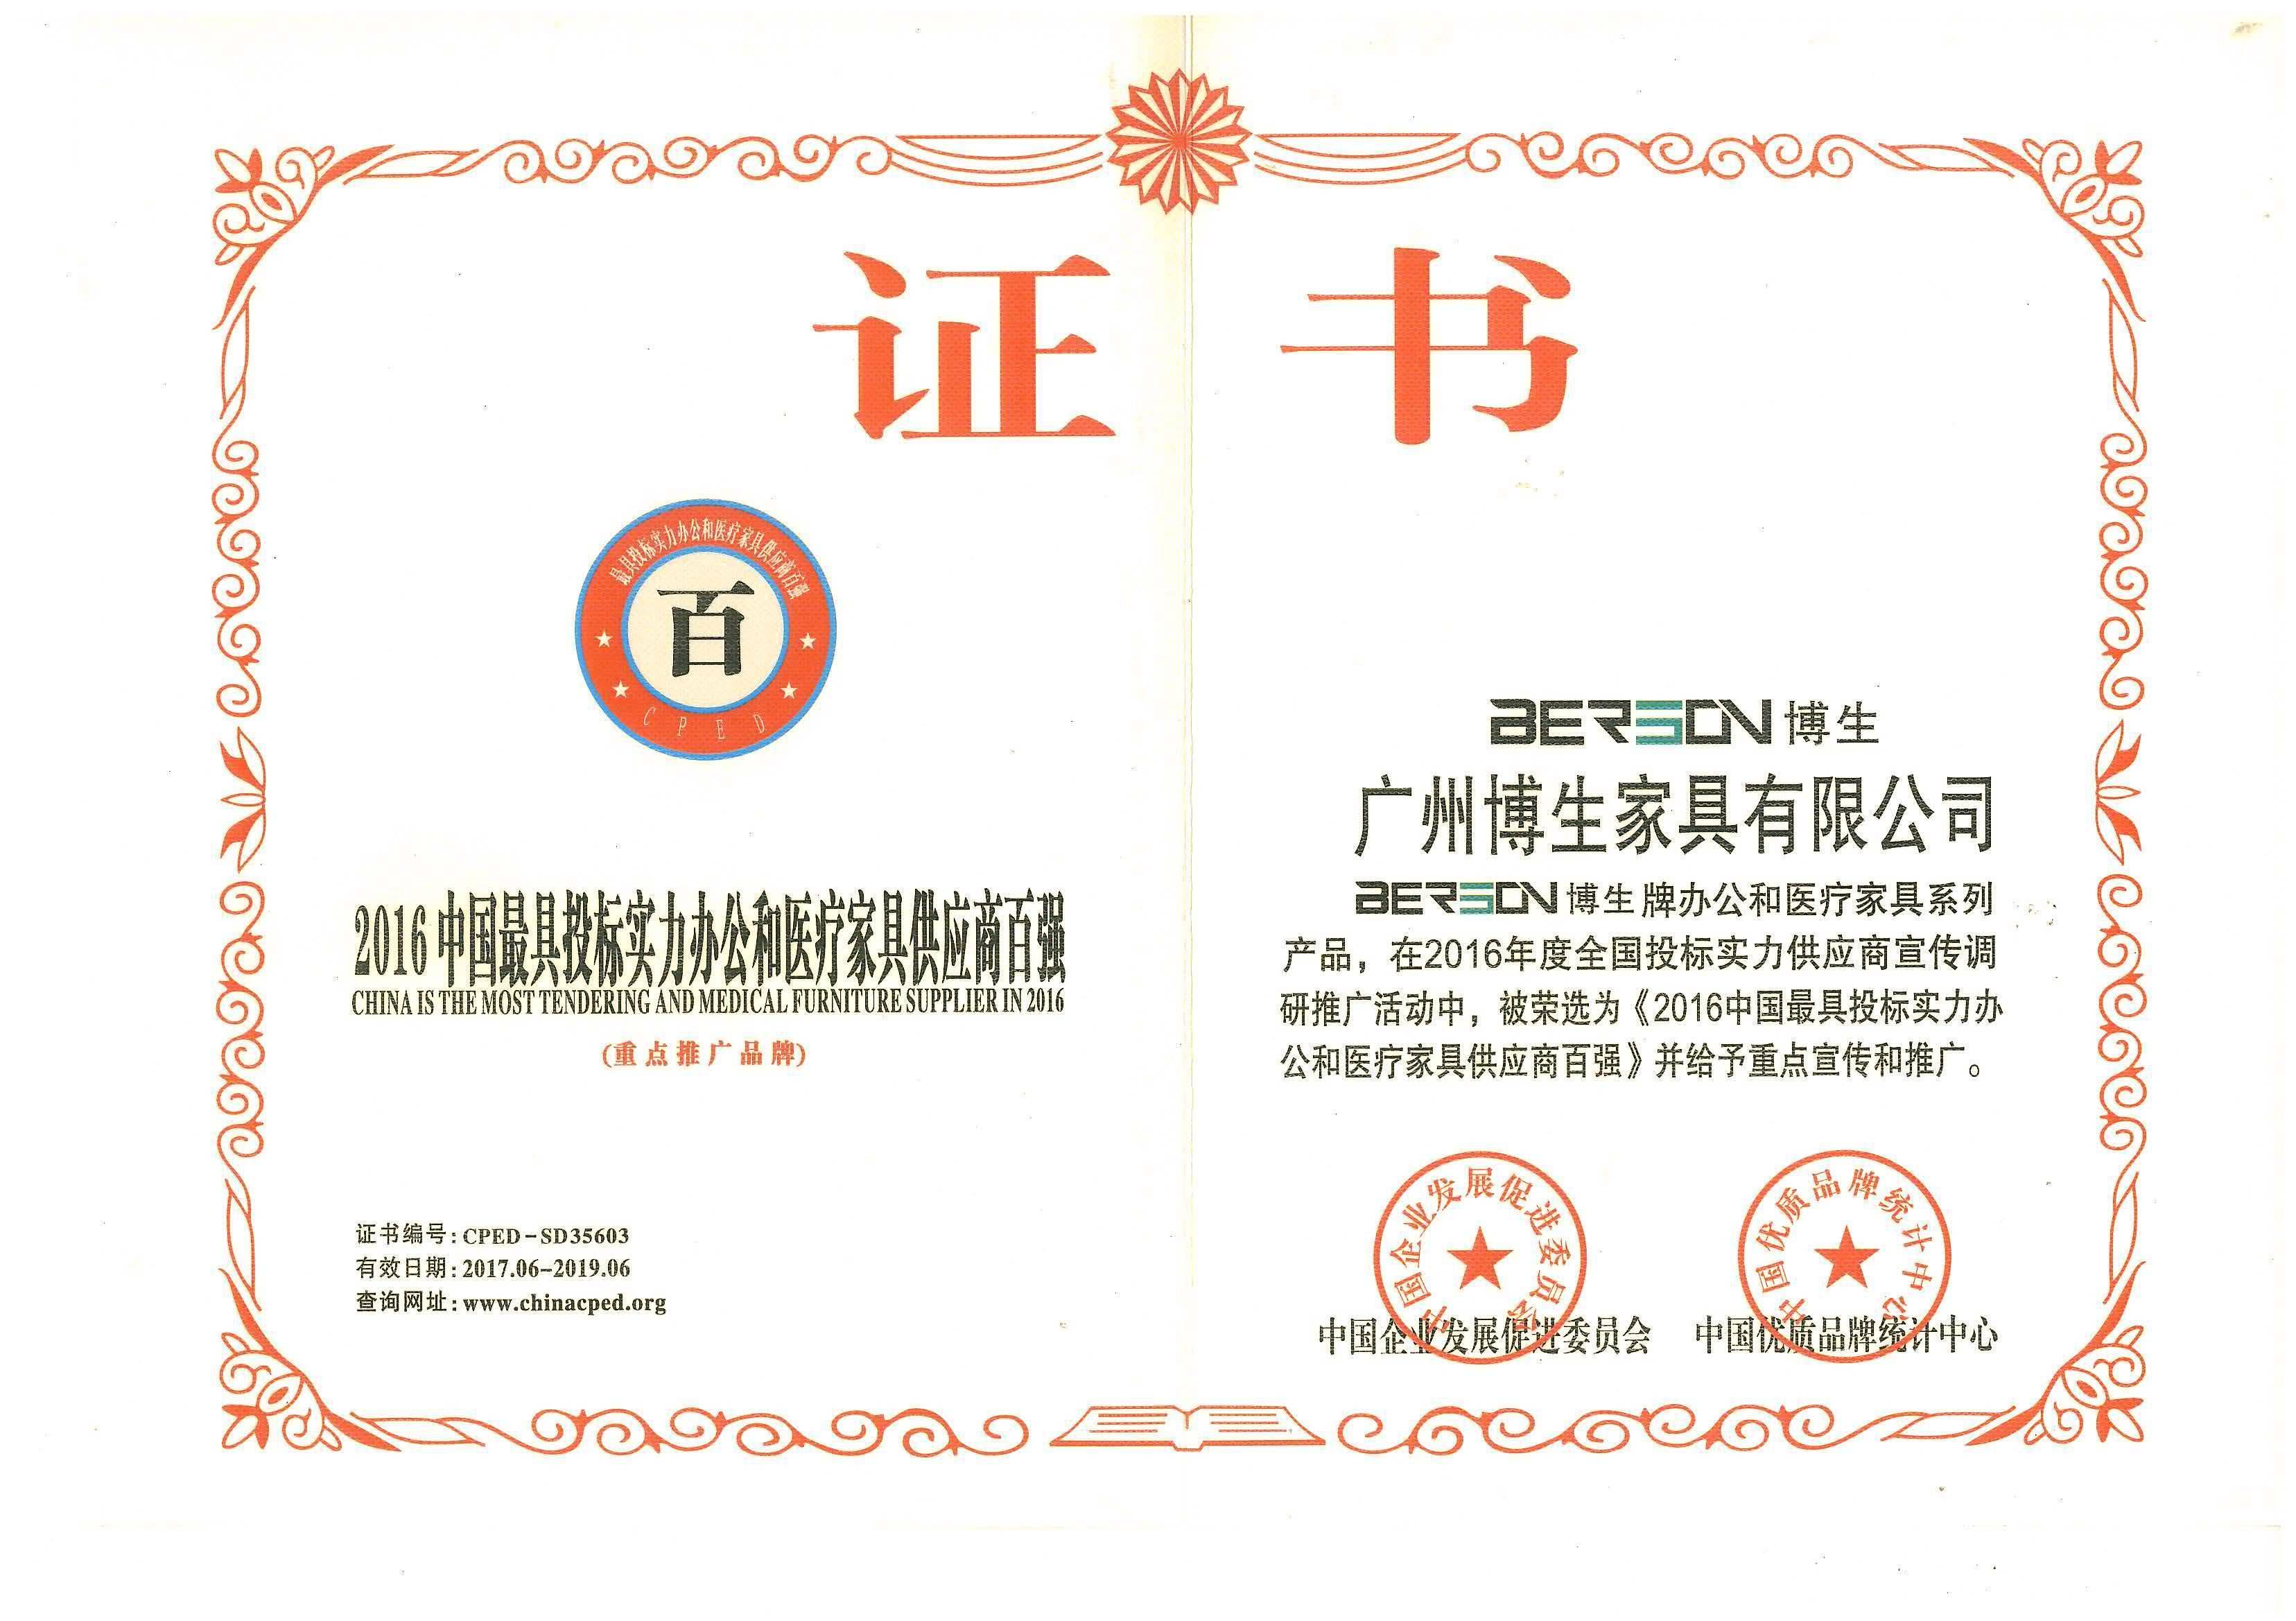 博生家具荣获中国最具投标实力办公和医疗家具供应商百强(2016)